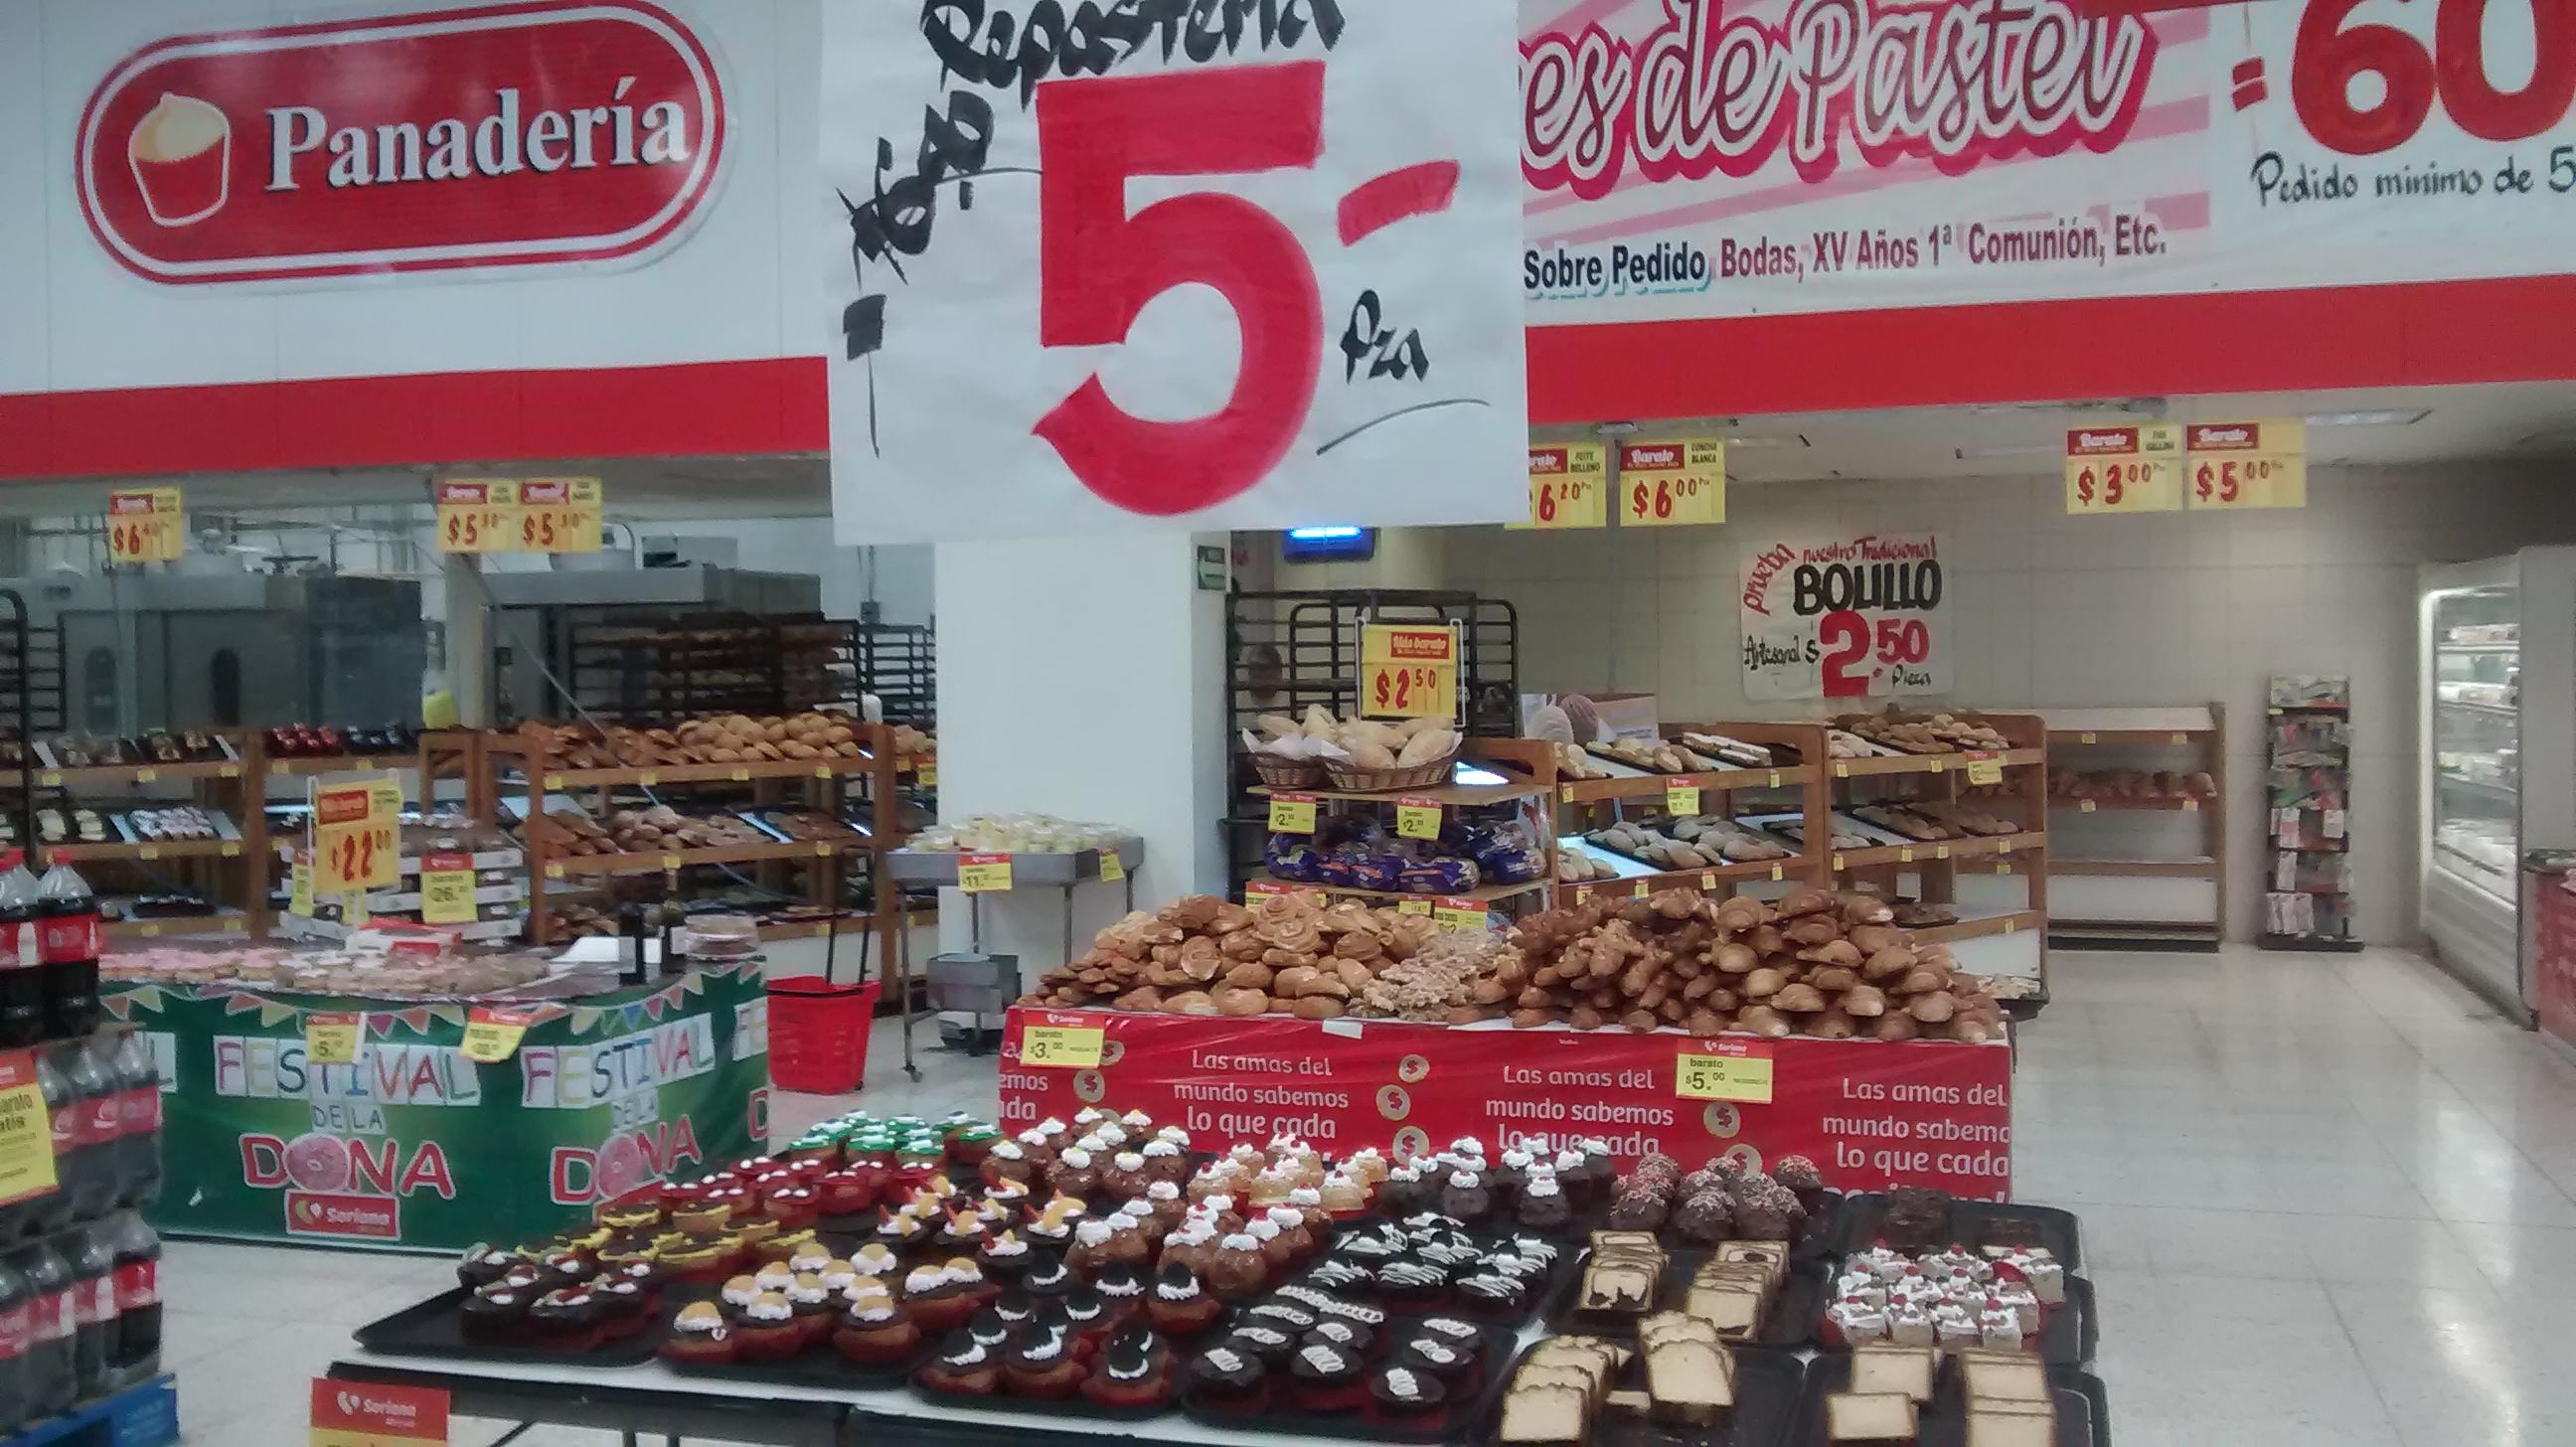 Soriana: Repostería en $5 y caja de donas 6 piezas en $22